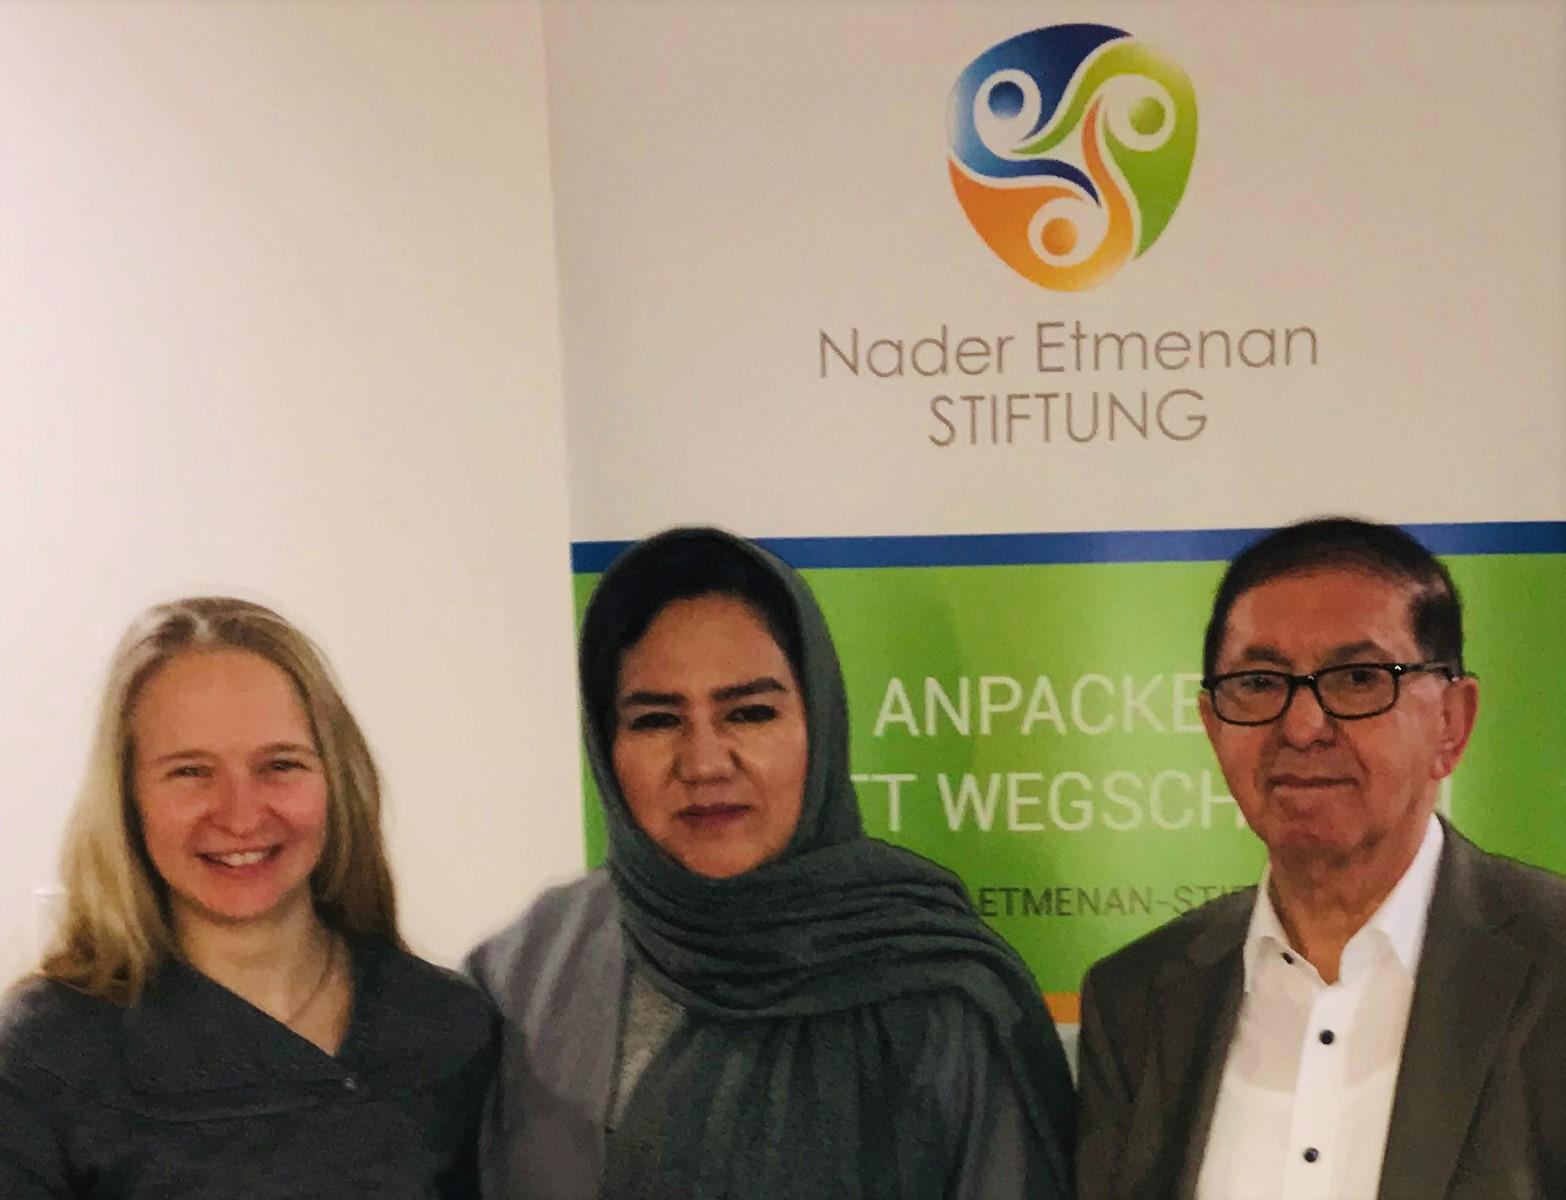 v.l.n.r.: Stiftungsmanagerin Dina Schreiber, Leiterin Saheb Amena Mohammadi , Stiftungsvorstand Nader Etmenan